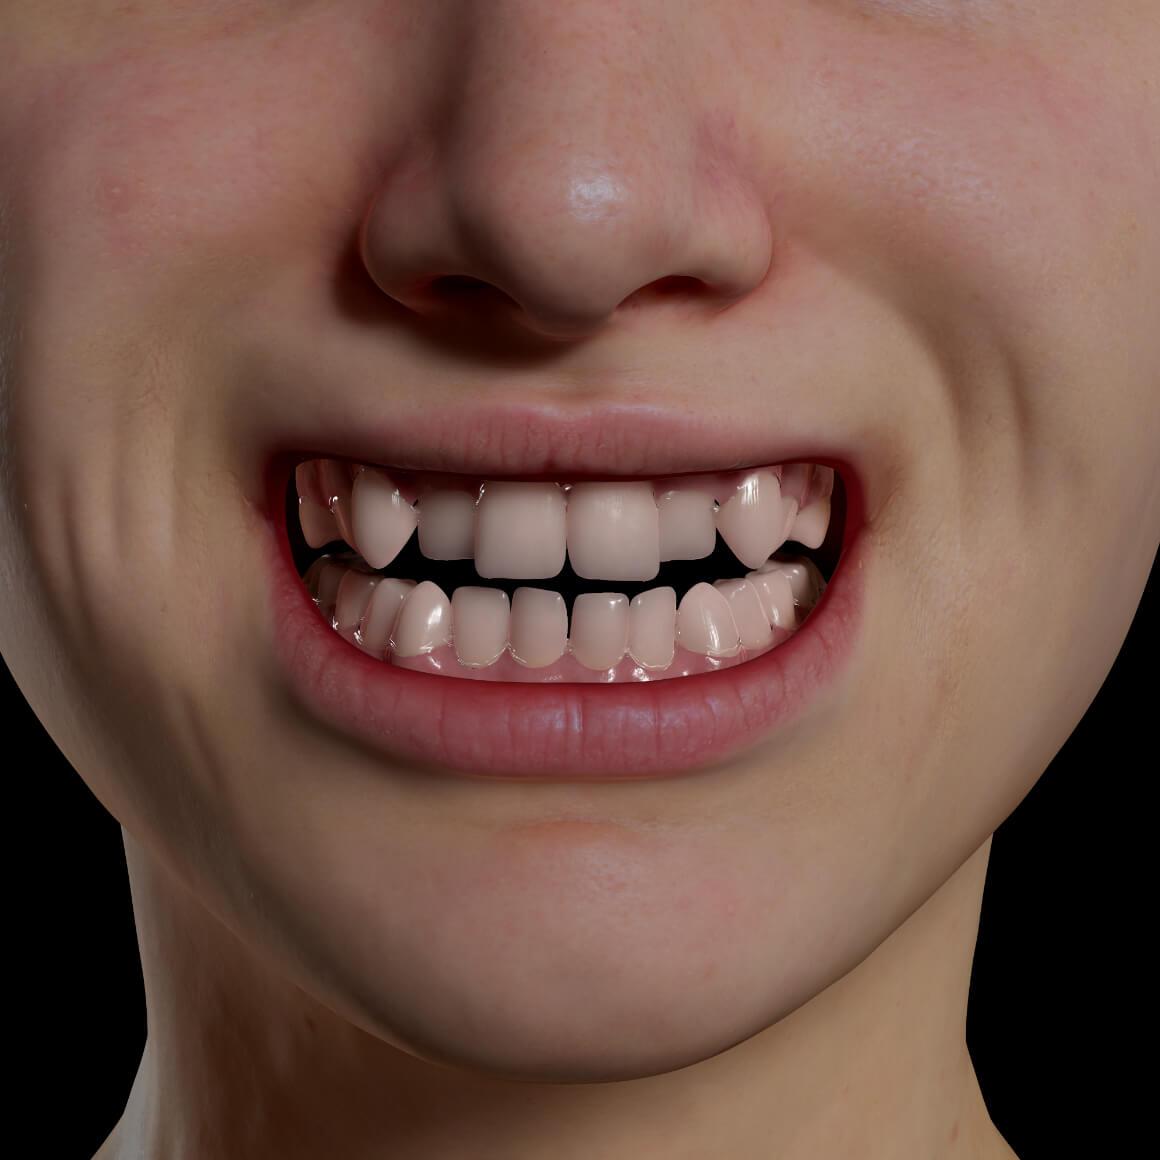 Sourire d'une patiente de la Clinique Chloé positionné de face démontrant des dents croches et mal alignées